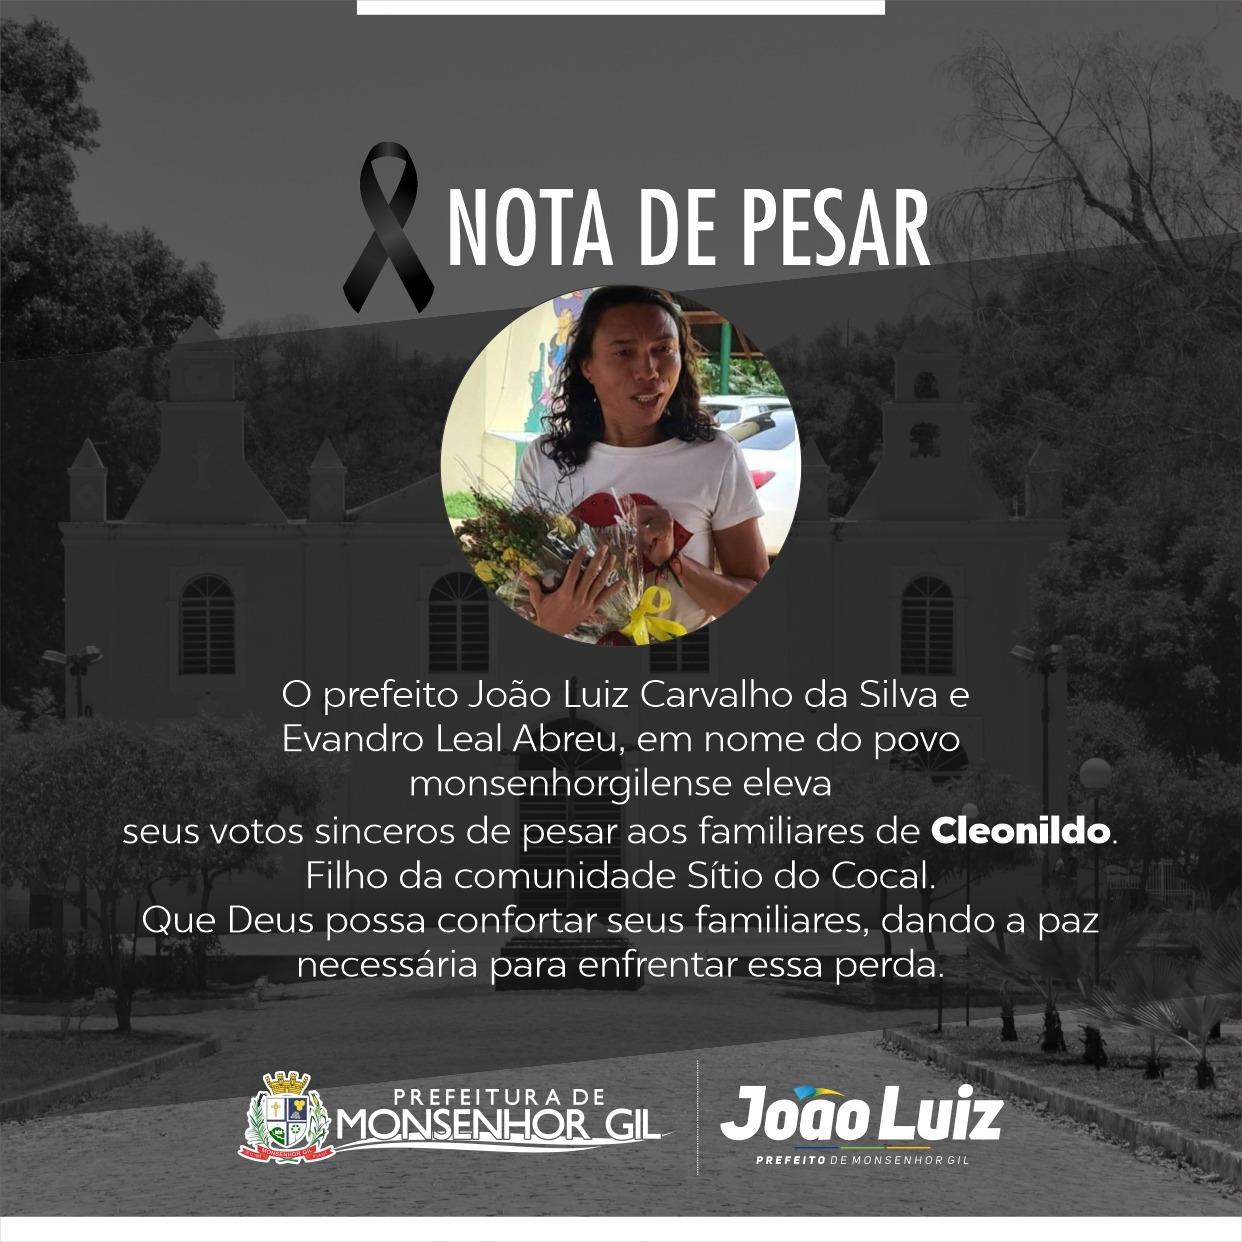 Prefeitura de Monsenhor Gil emite nota de pesar pela morte do Creunilton - Imagem 1